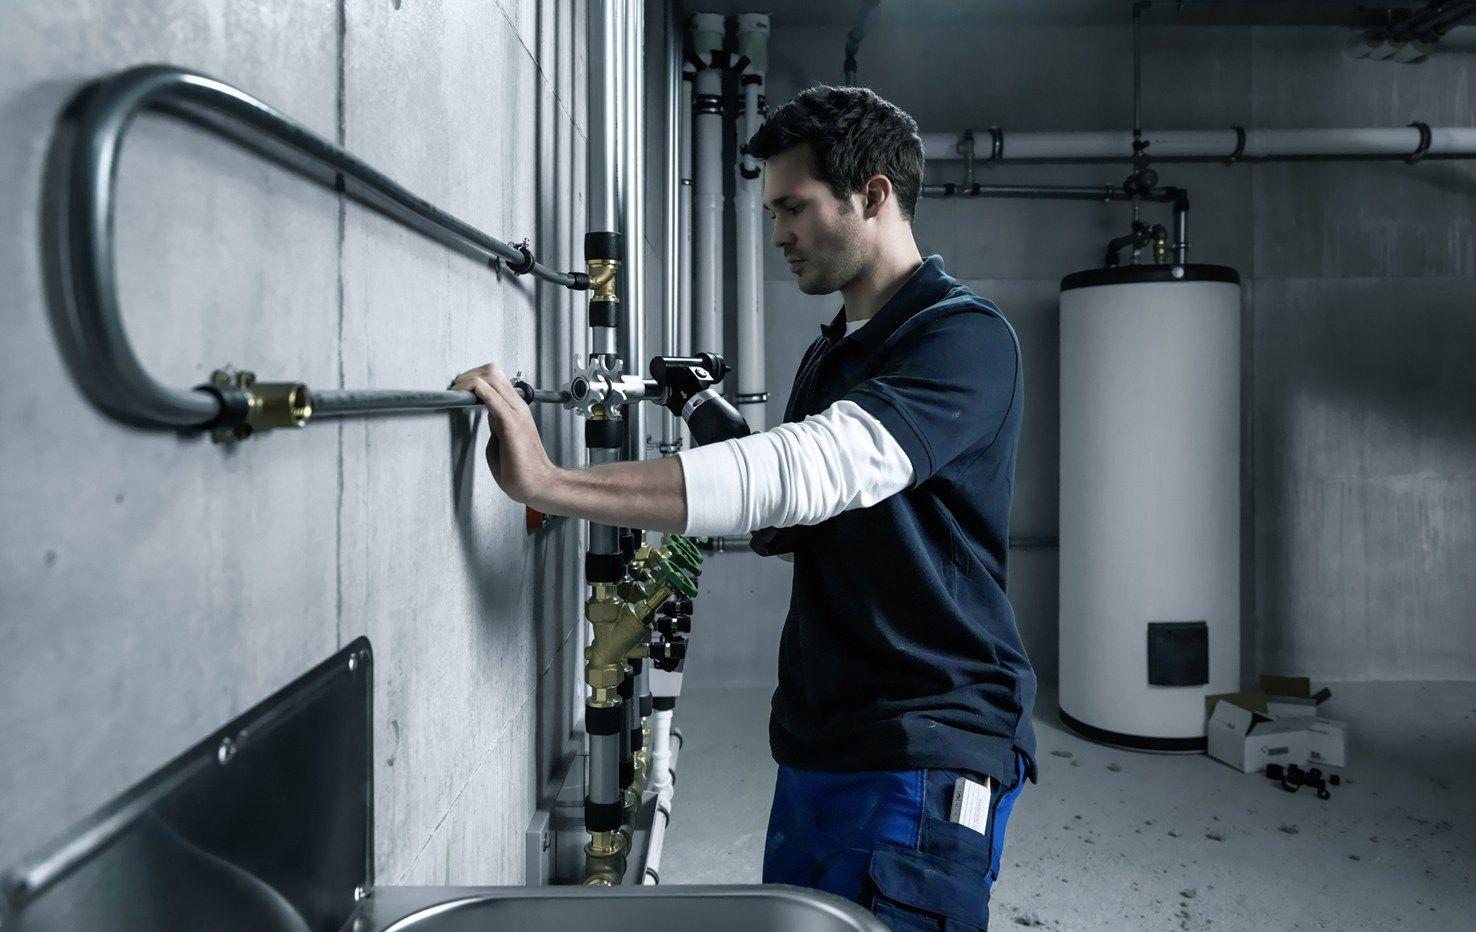 RAUTITAN di REHAU: il sistema di riferimento per installazioni idrotermosanitarie